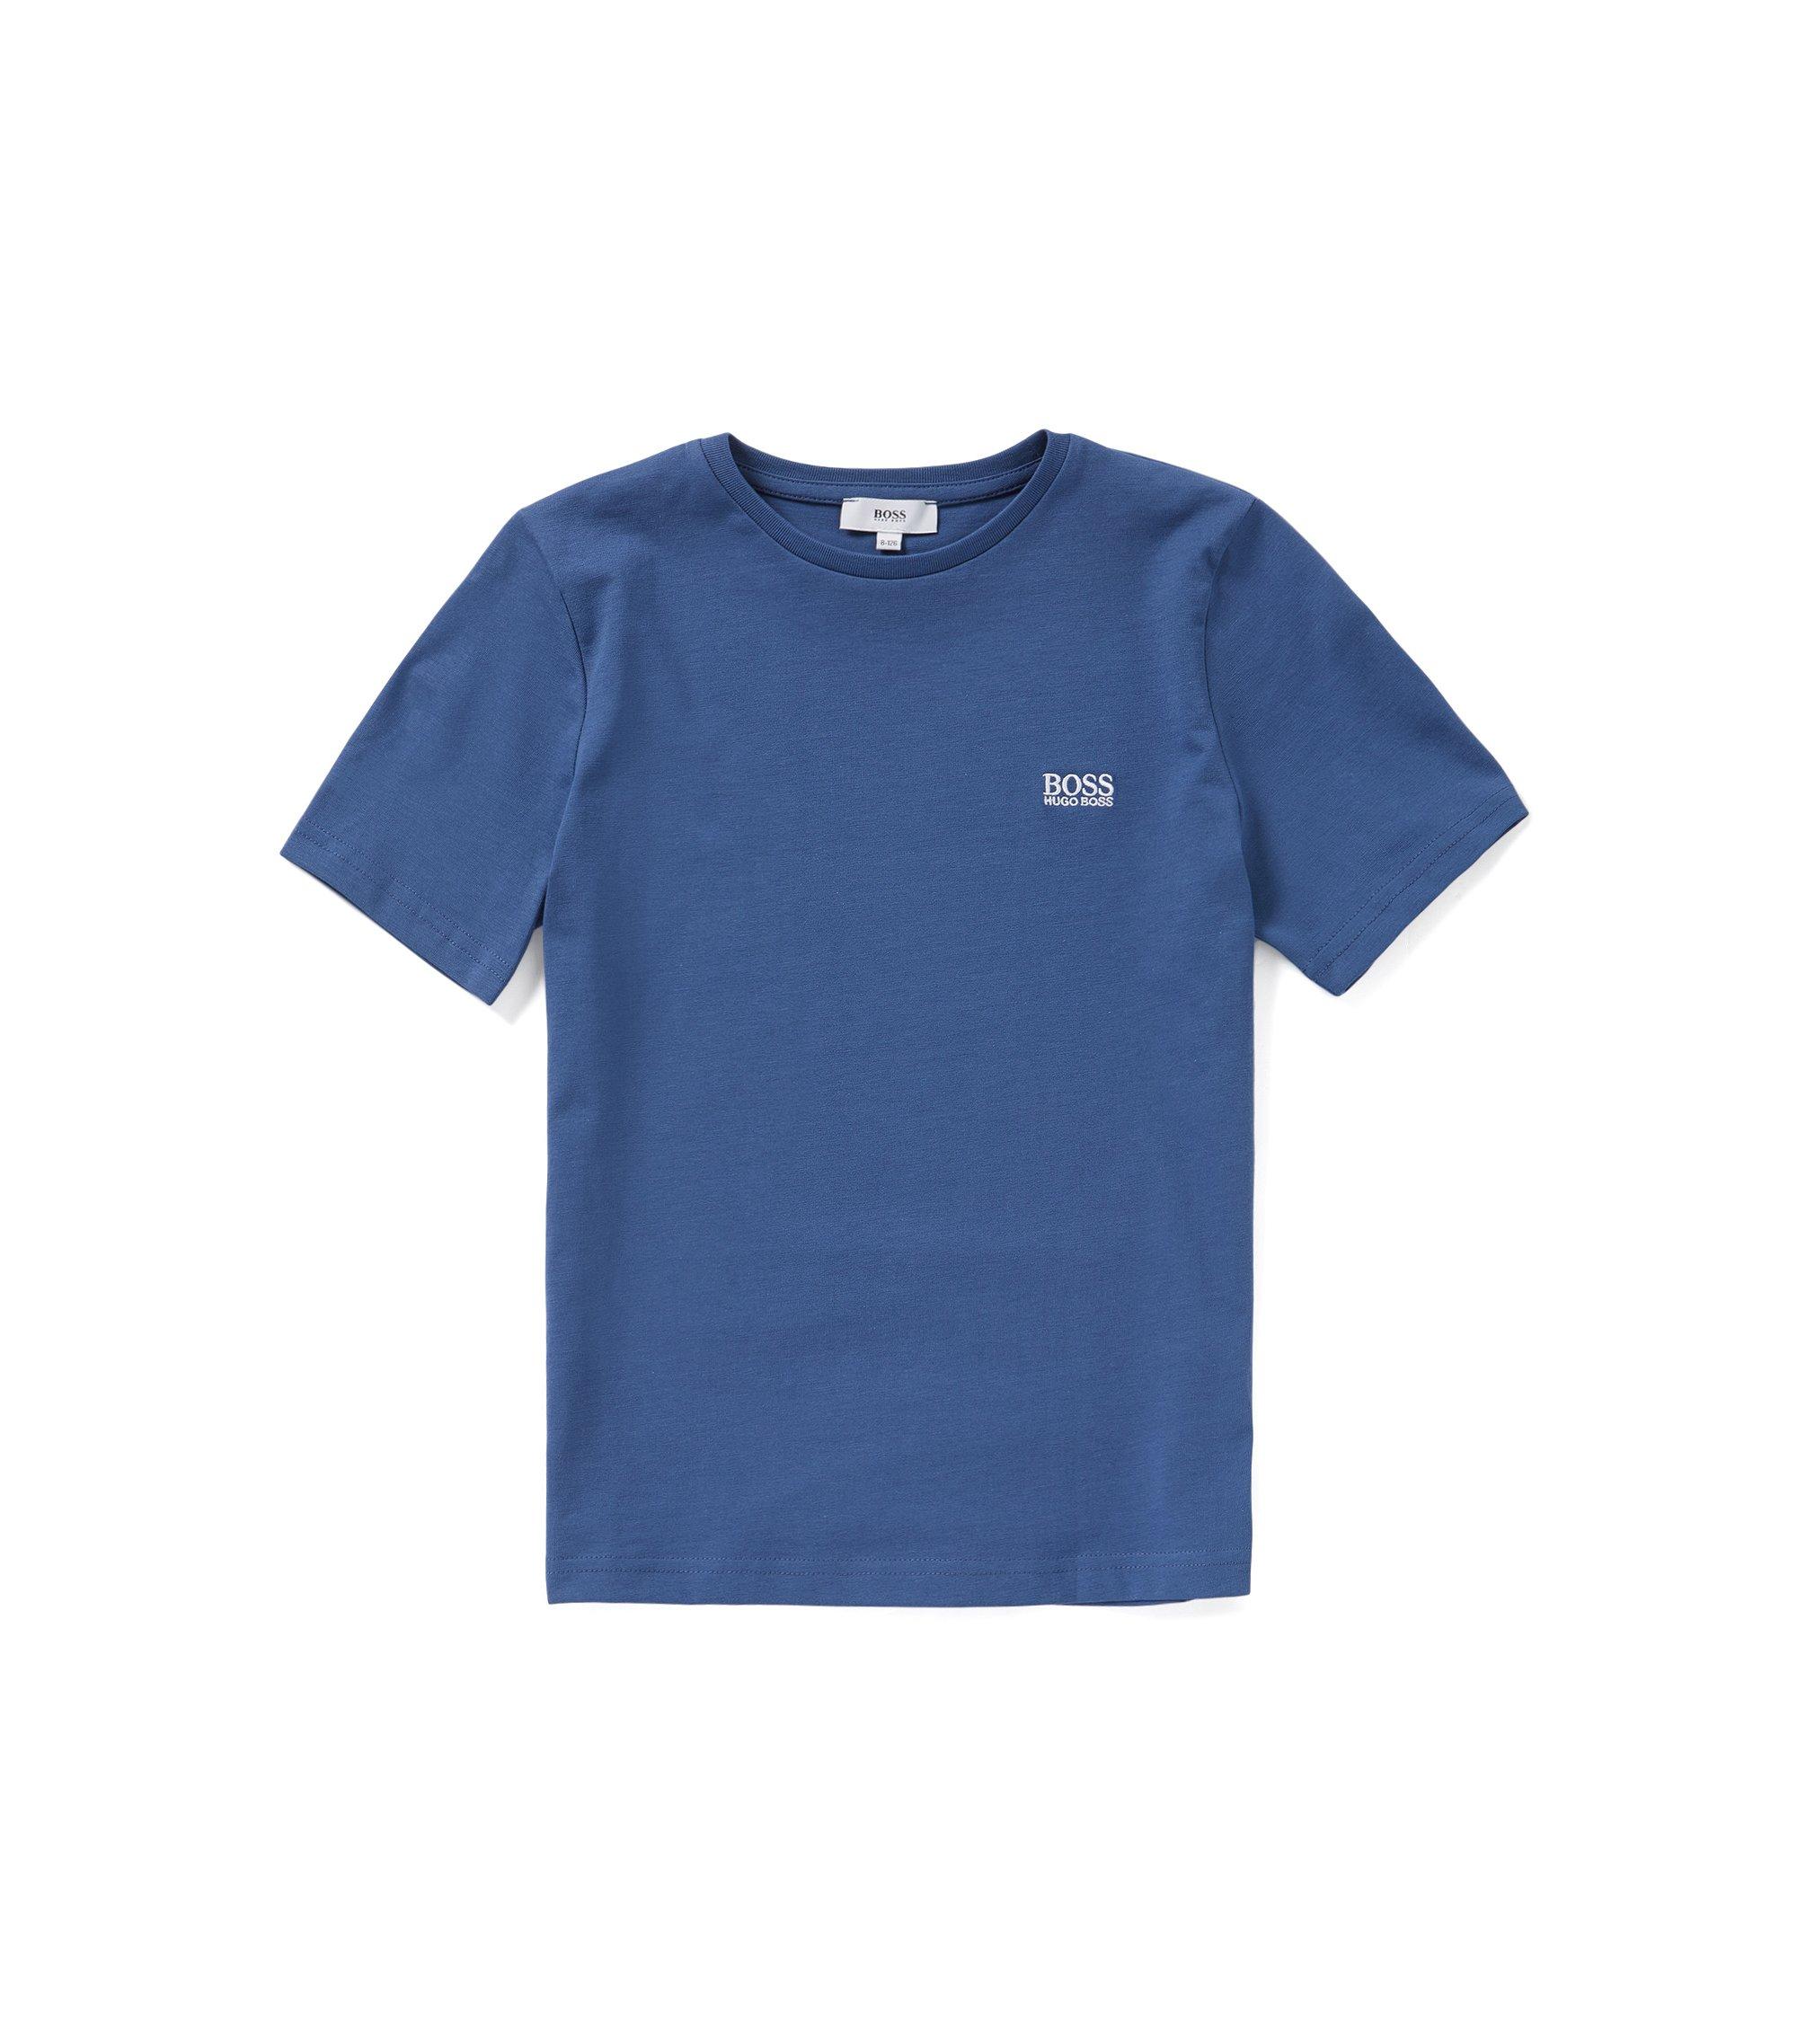 Kinder-T-shirt van stretchkatoen met ronde hals: 'J25A40', Blauw